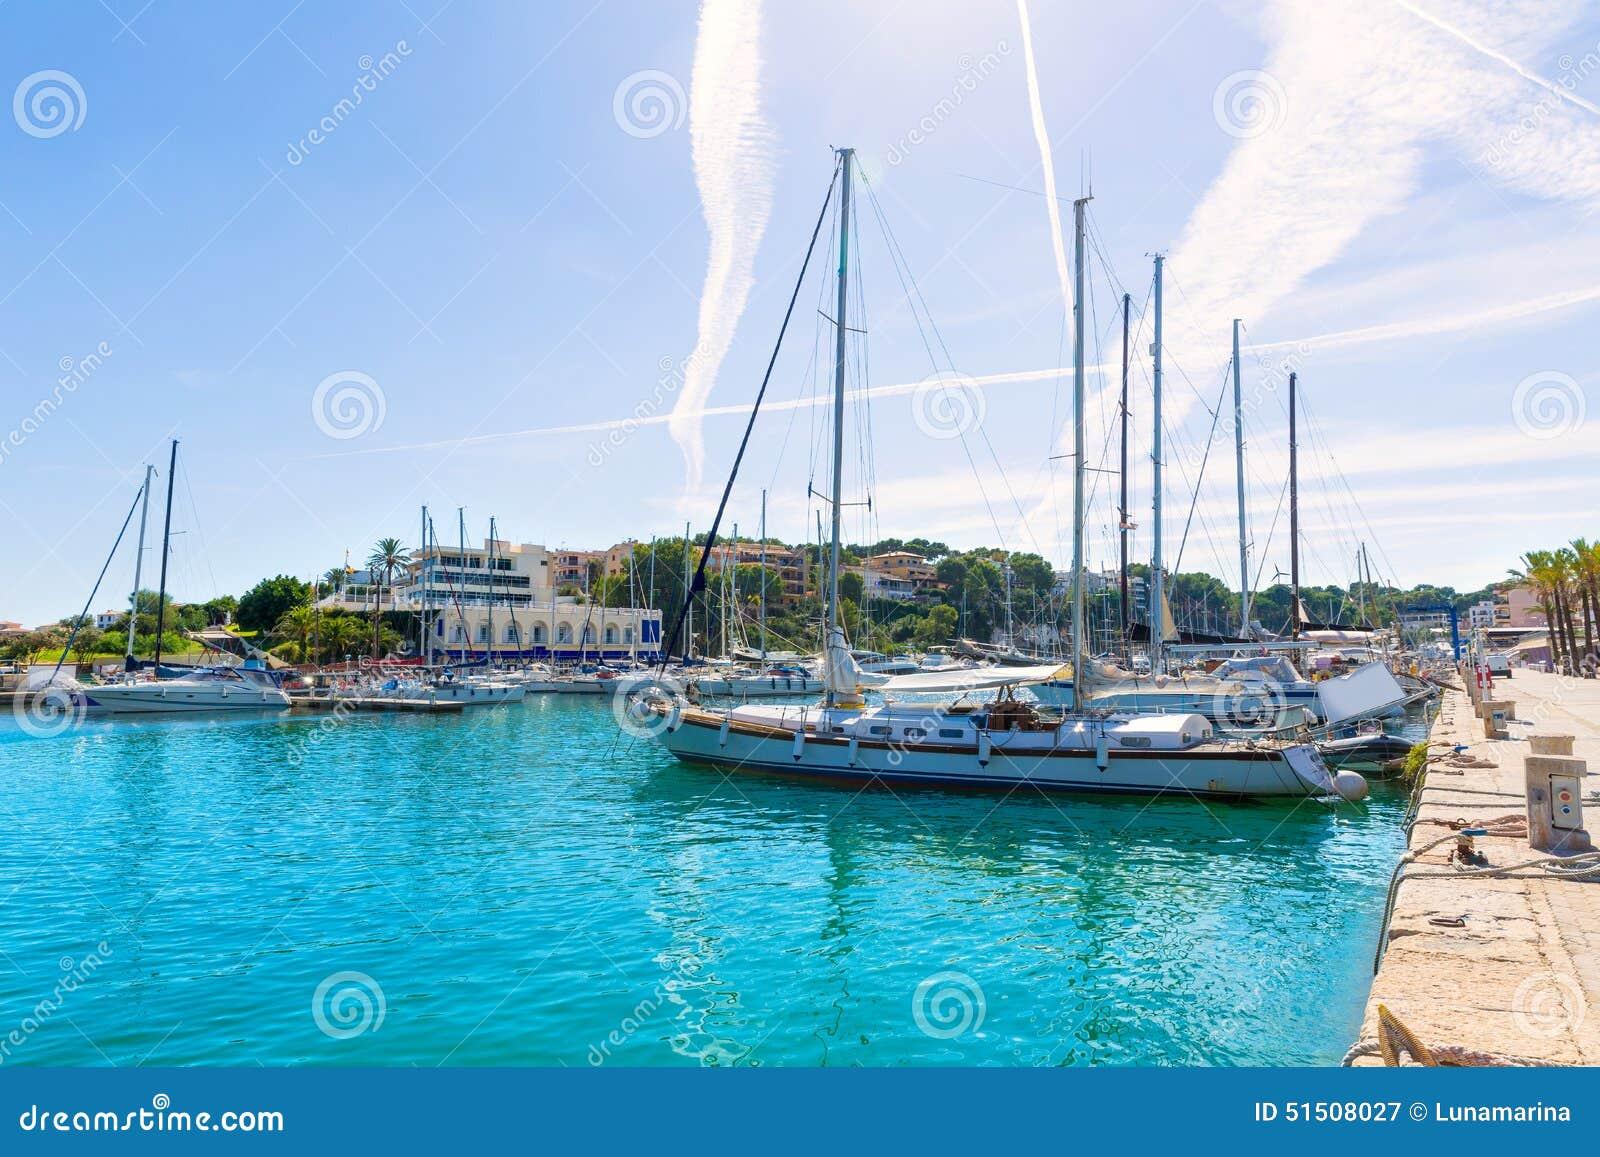 马略卡波尔图克里斯多小游艇船坞口岸马纳科尔马略卡